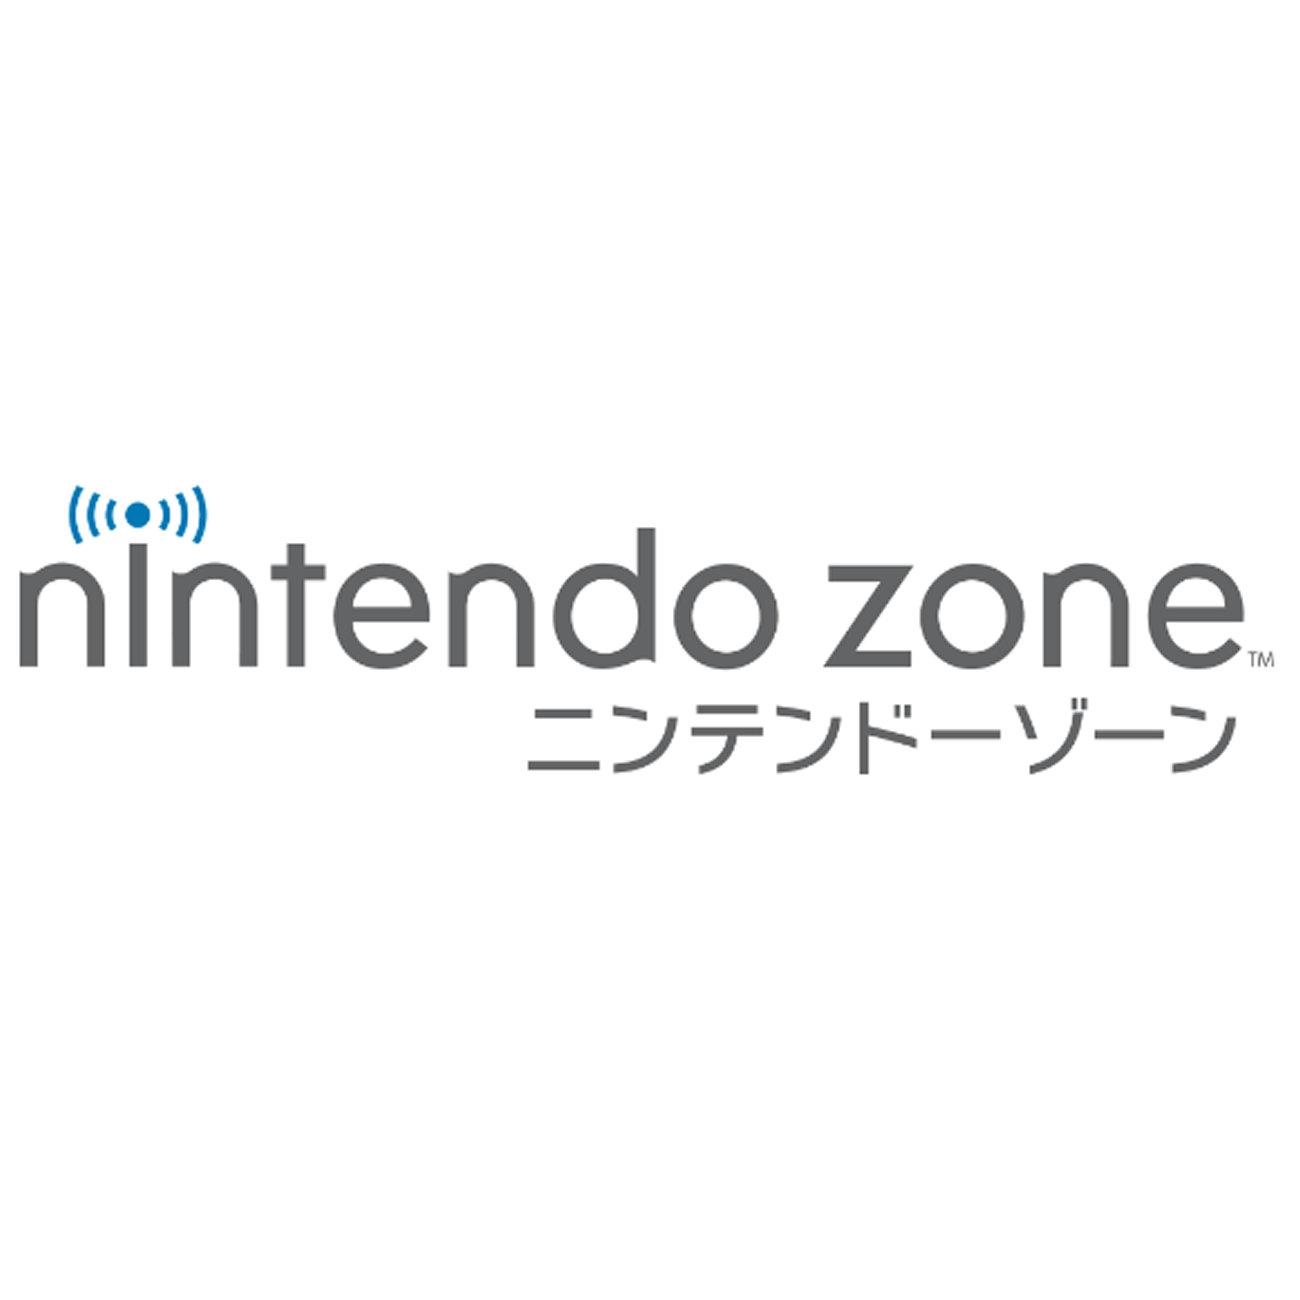 ニンテンドー3DS、ニンテンドーゾーン終了ヨーロッパ